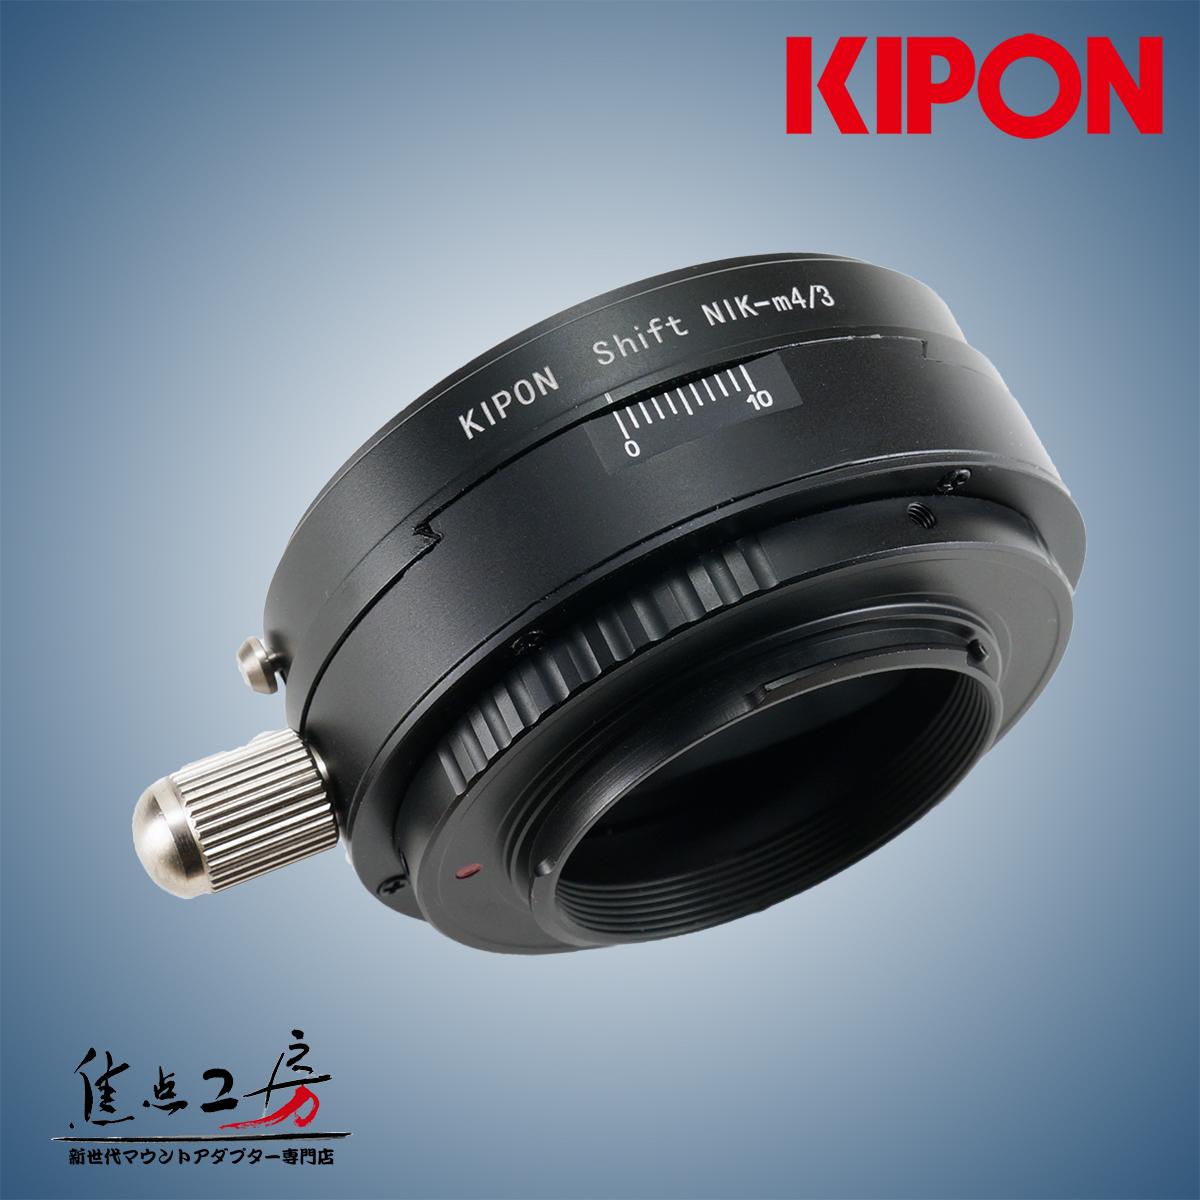 マウントアダプター KIPON SHIFT NIK-m4/3 ニコンFマウントレンズ - マイクロフォーサーズマウントカメラ アオリ(シフト)機構搭載